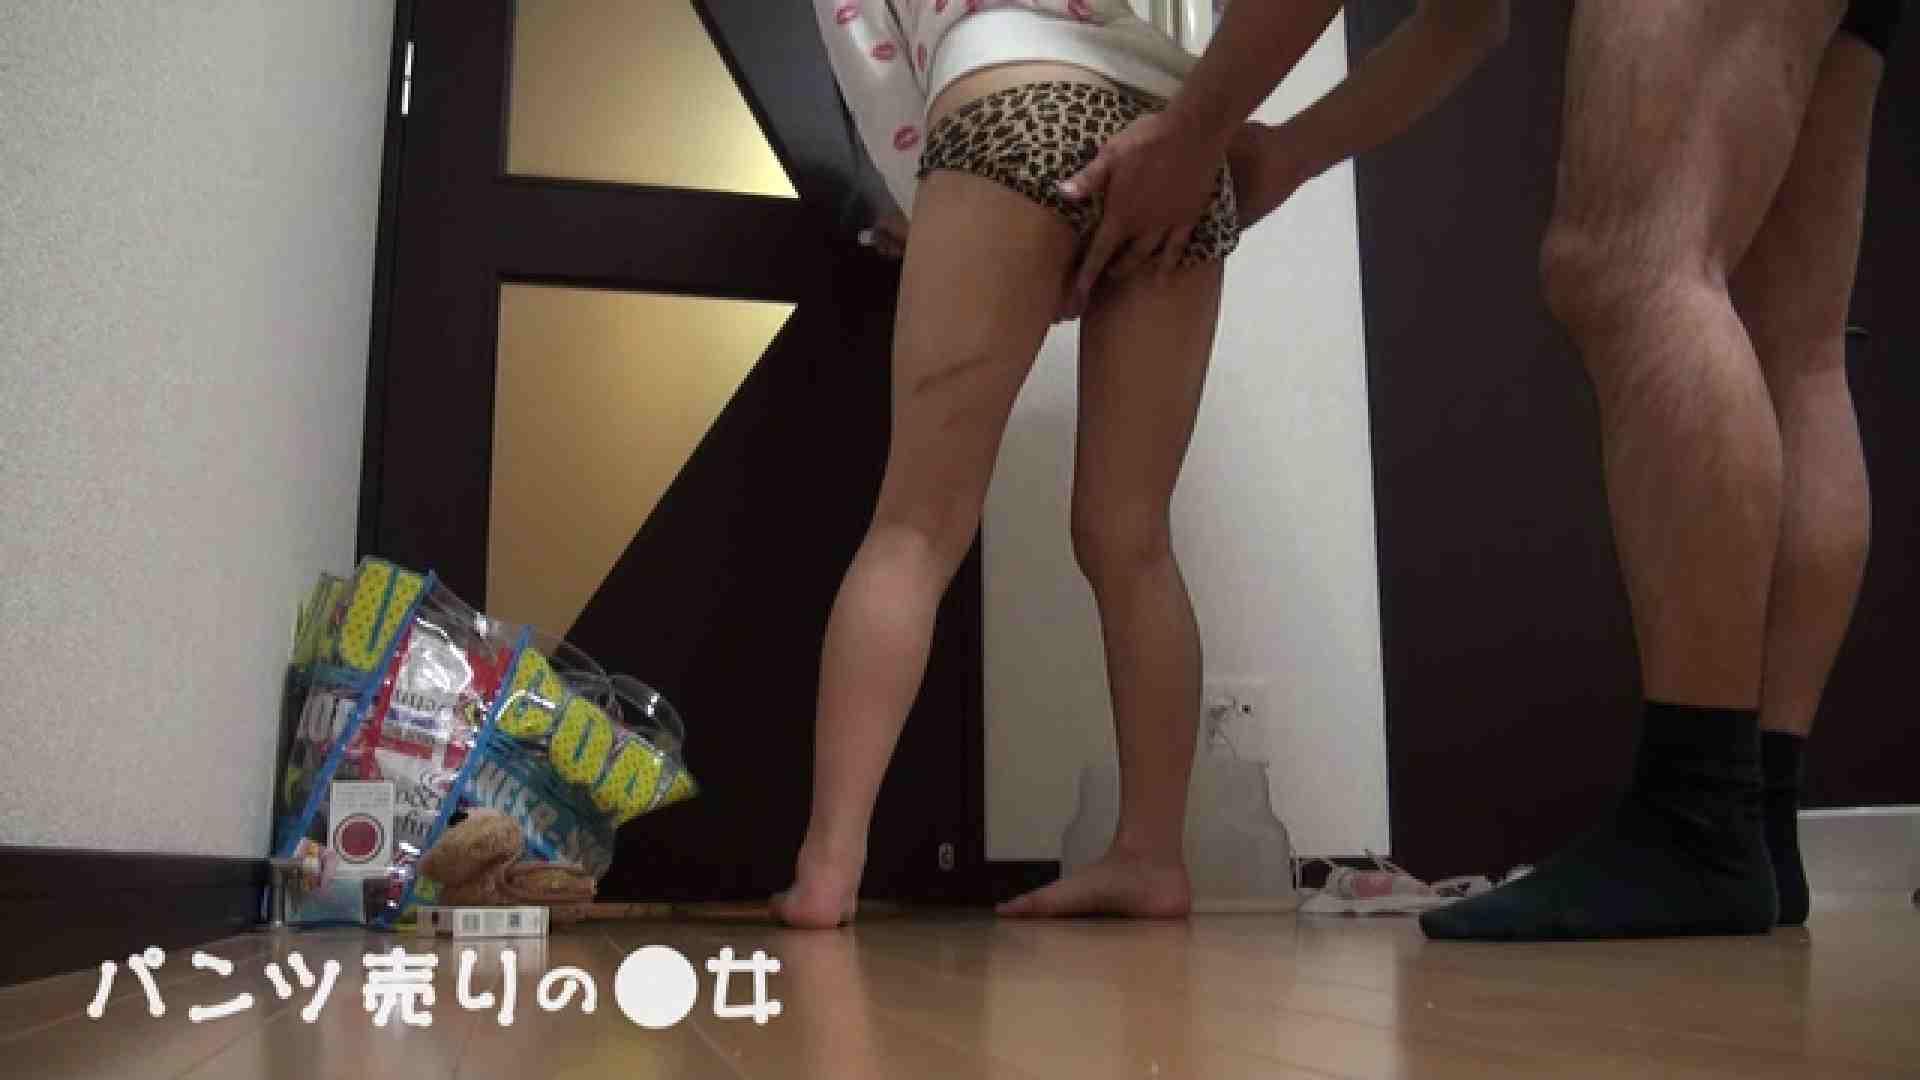 新説 パンツ売りの女の子nana 一般投稿  108枚 90